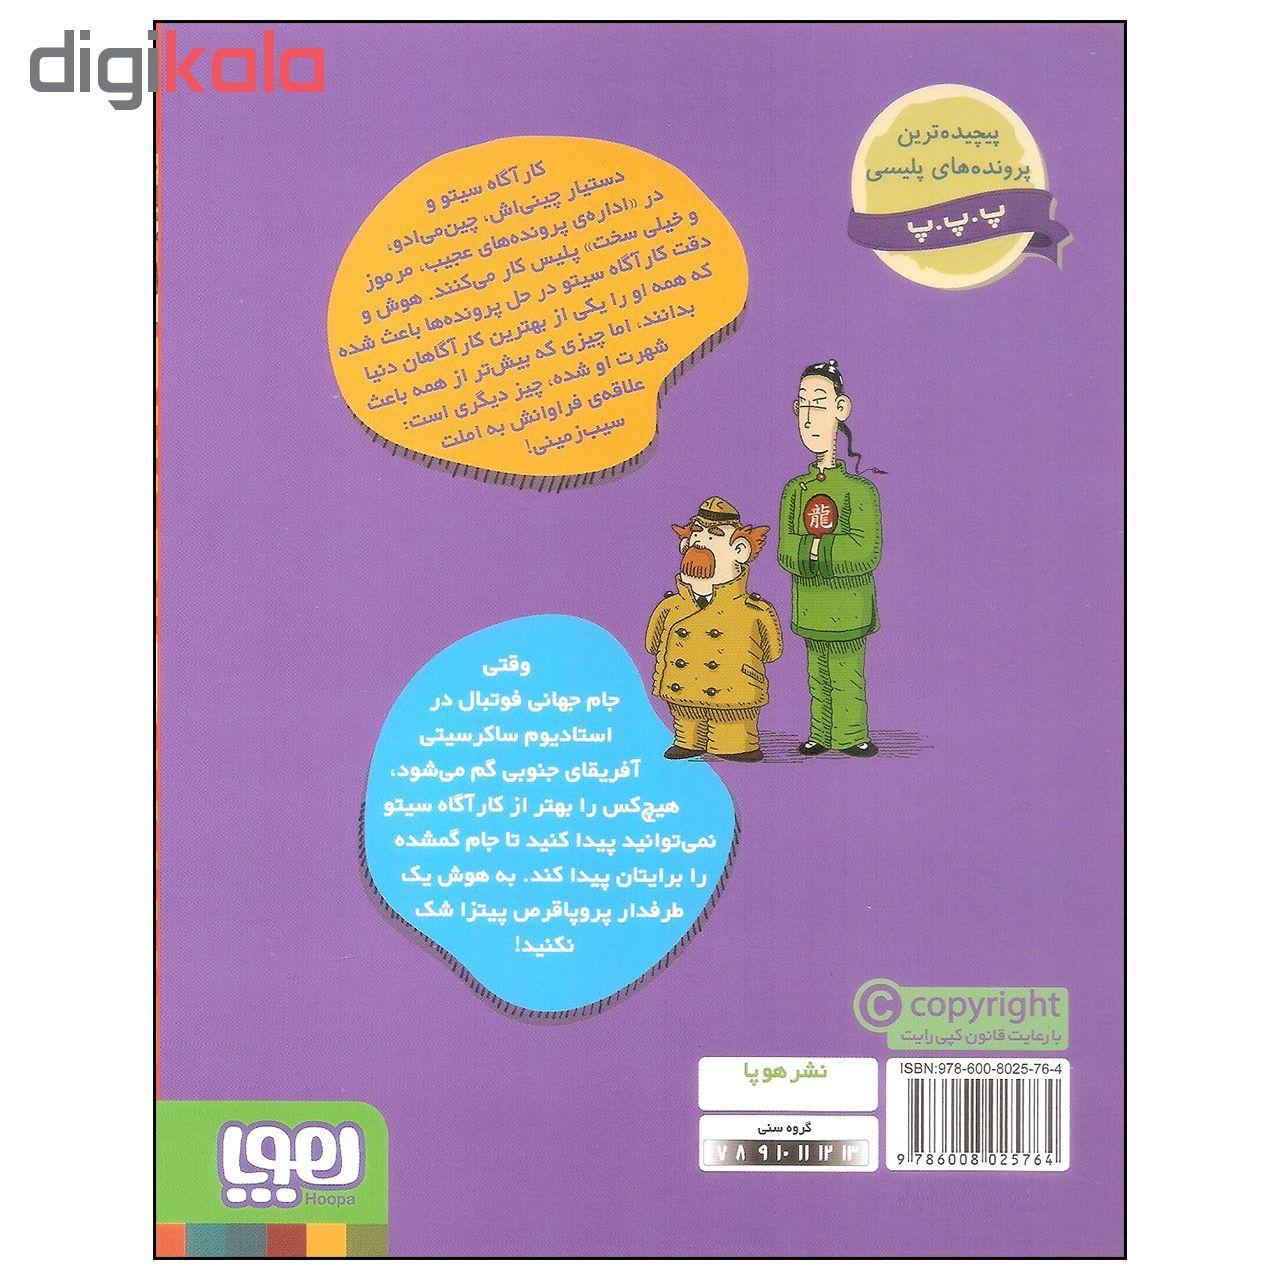 کتاب کارآگاه سیتو 6 اثر آنتونیو ایتوربه نشر هوپا main 1 2